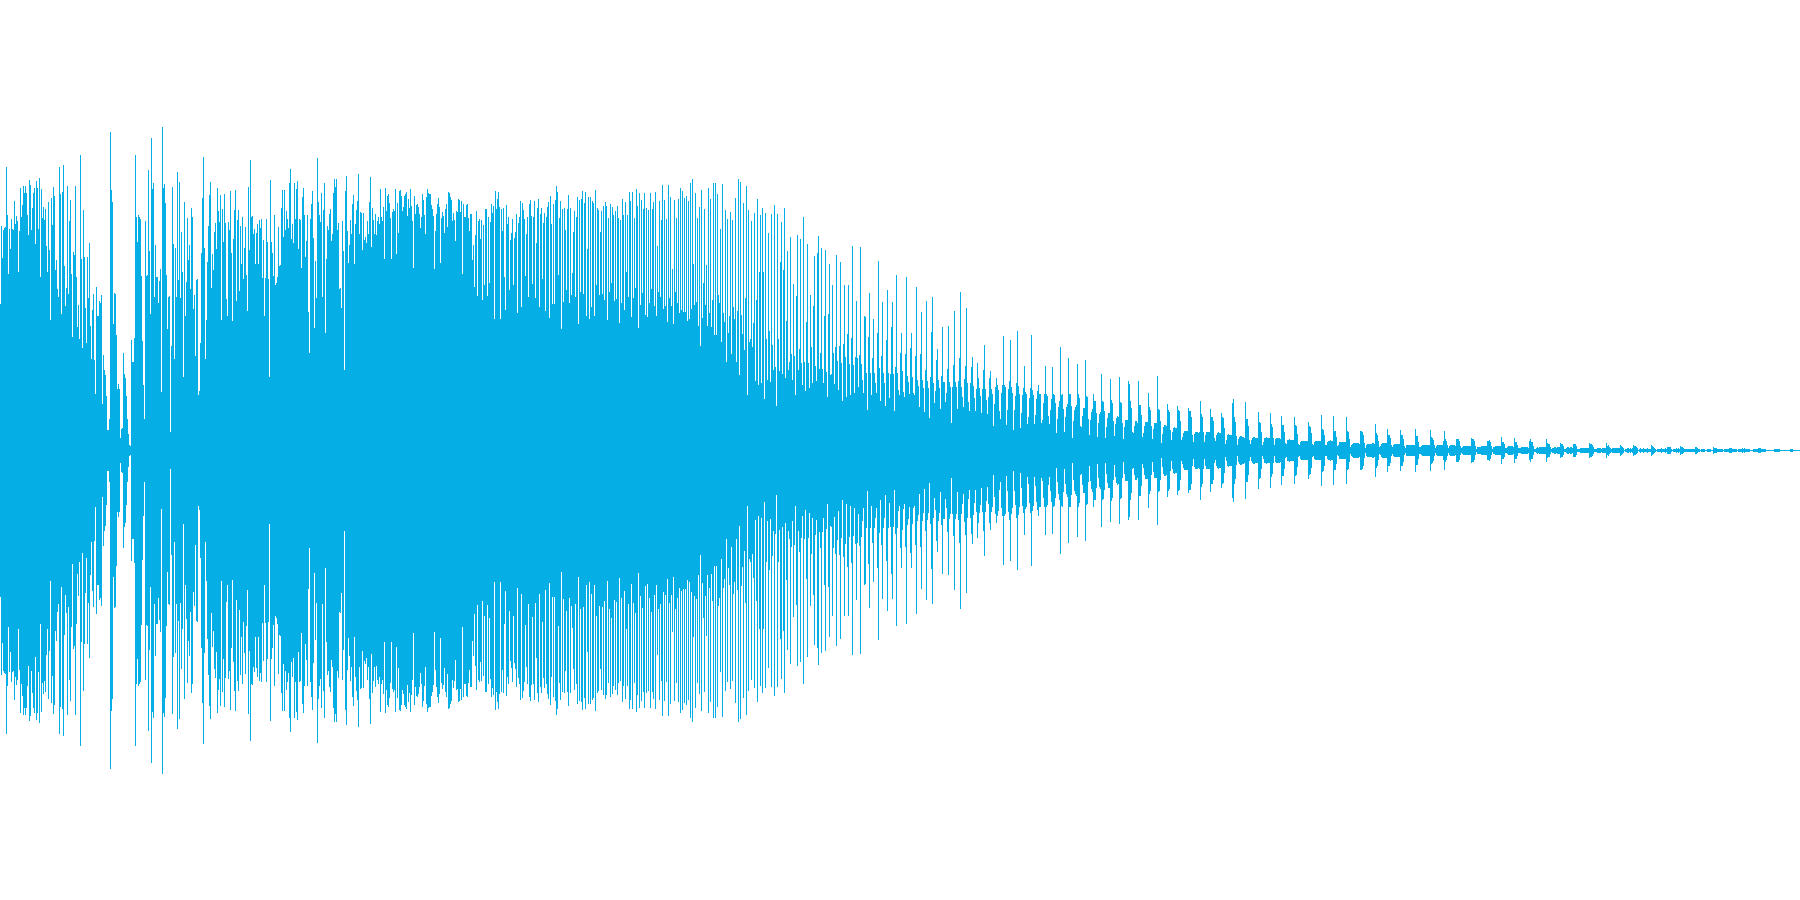 ズビシューン(ビームライフル風の射撃音)の再生済みの波形